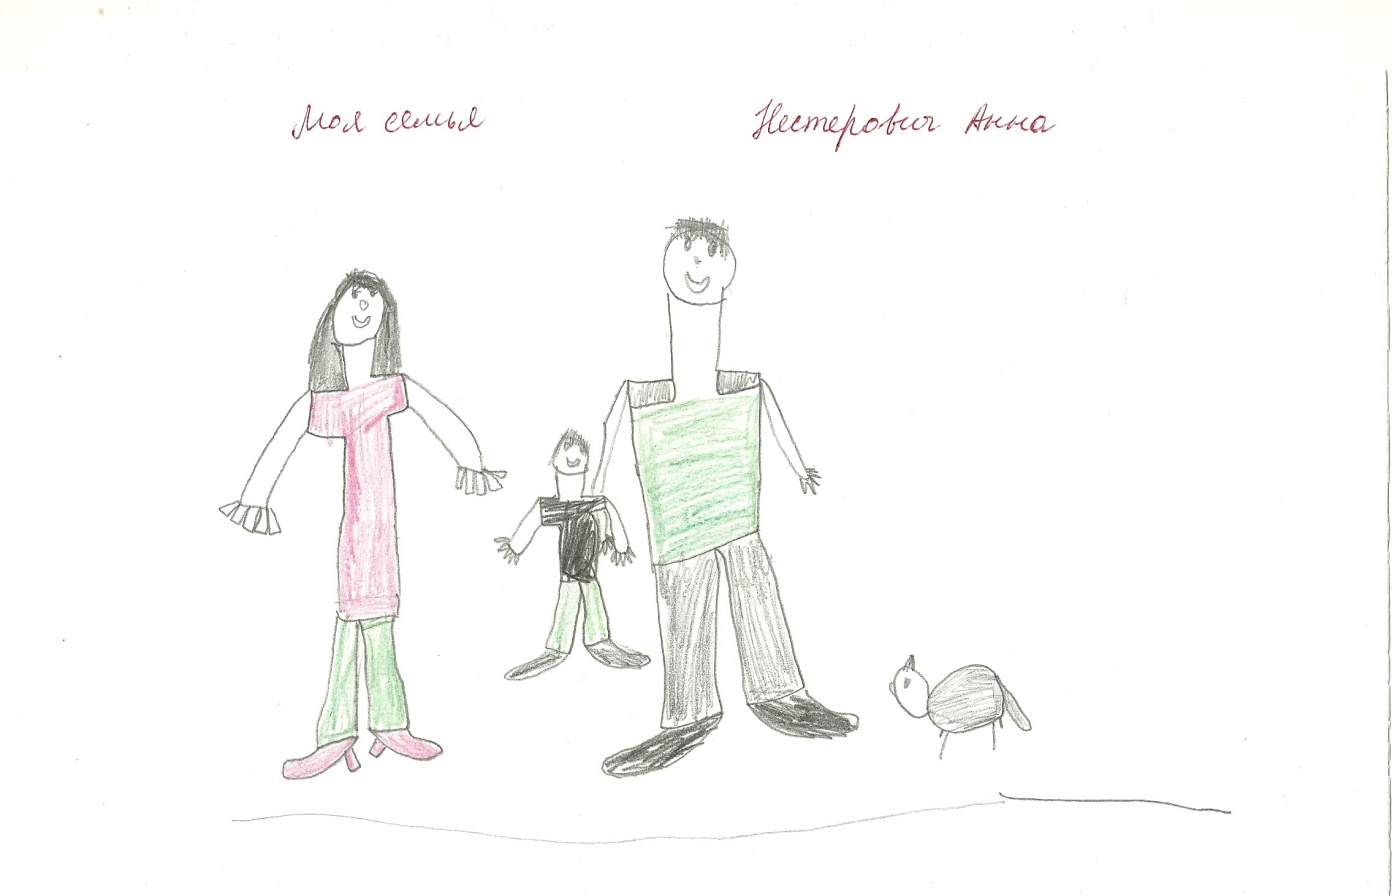 C:\Users\NecroS\Pictures\Мои сканированные изображения\2013-05 (май) Моя семья рисунки детей\сканирование0009.jpg